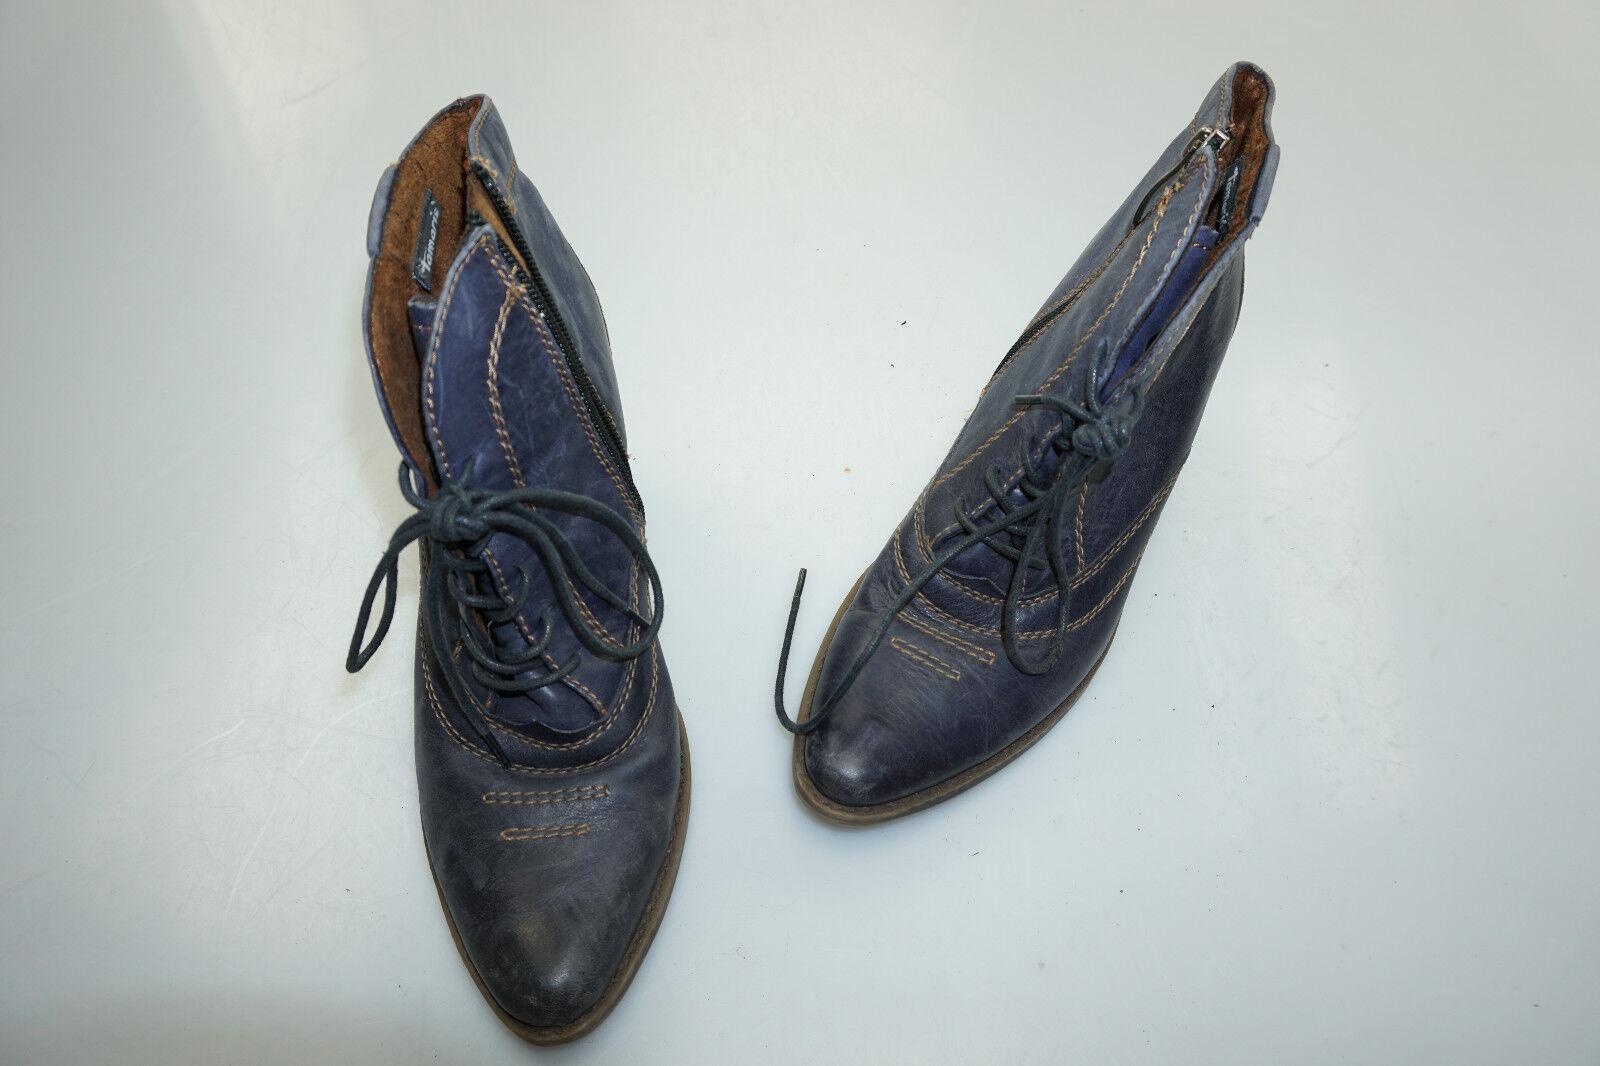 schicke TAMARIS Damen Schuhe Stiefel marine Stiefeletten High Heels Gr.38 marine Stiefel TOP 084e59